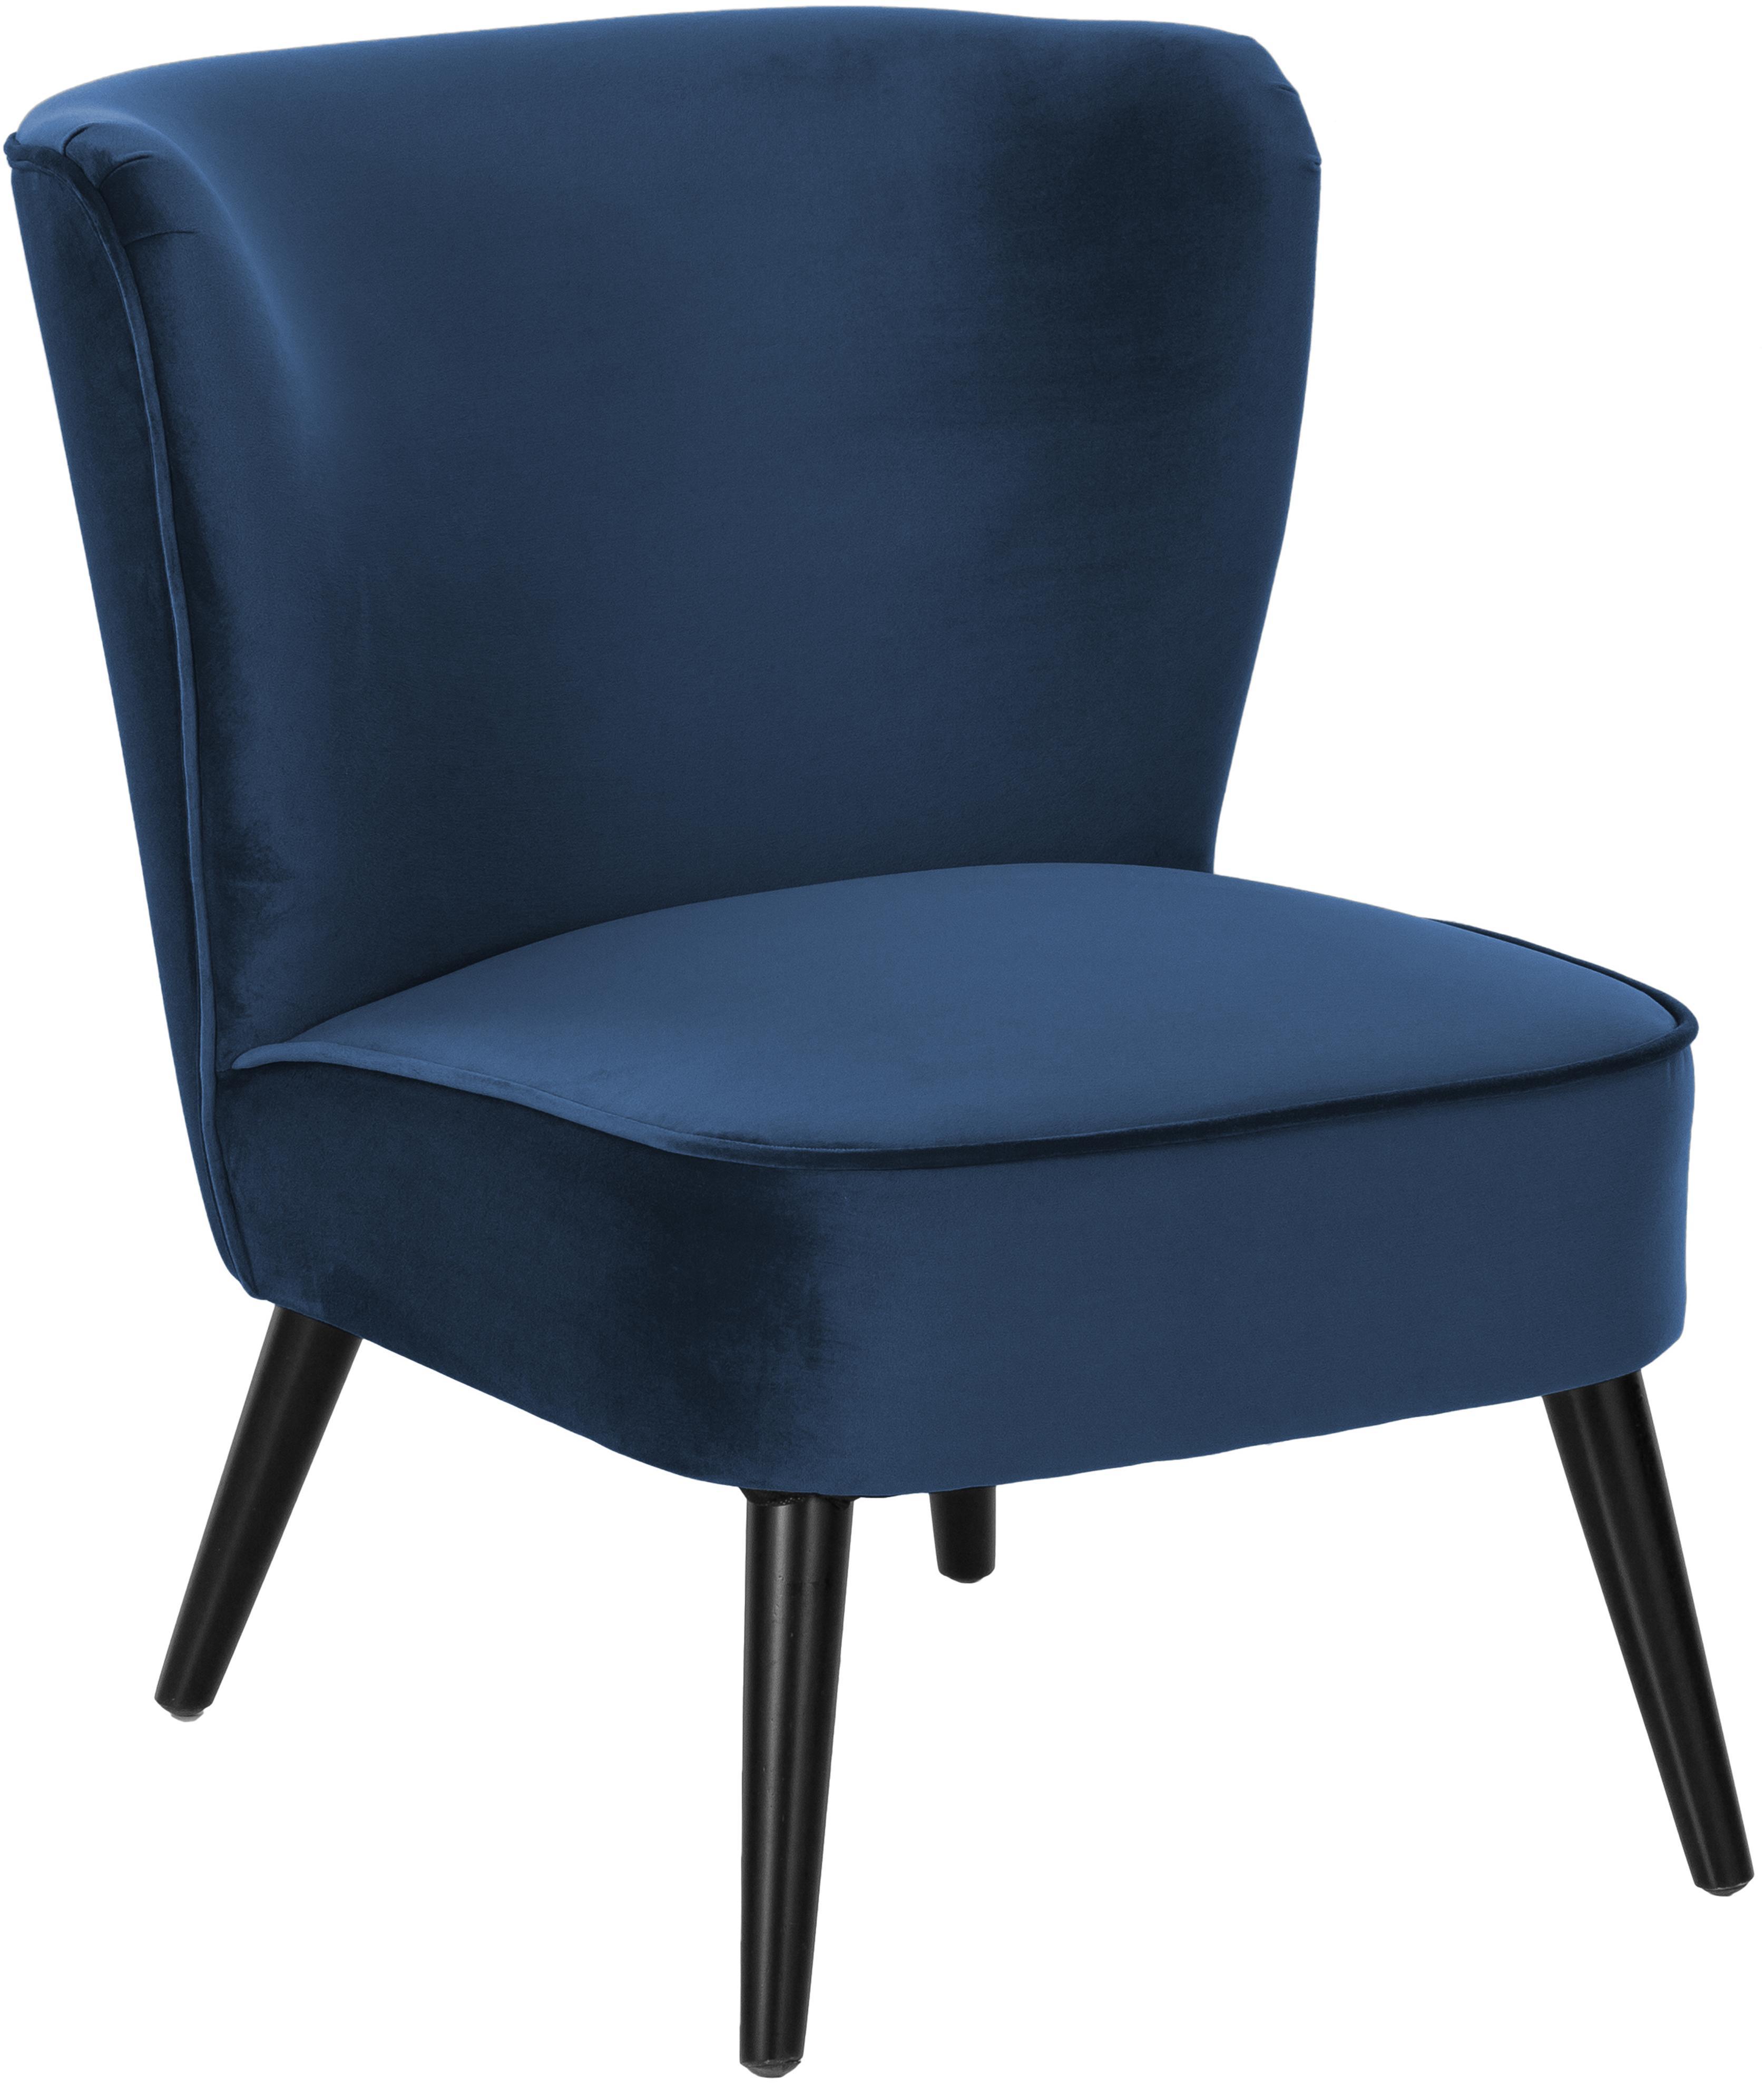 Aksamitne krzesło Robine, Tapicerka: aksamit (poliester) Tkani, Nogi: drewno sosnowe, lakierowa, Ciemnyniebieski, S 63 x G 73 cm